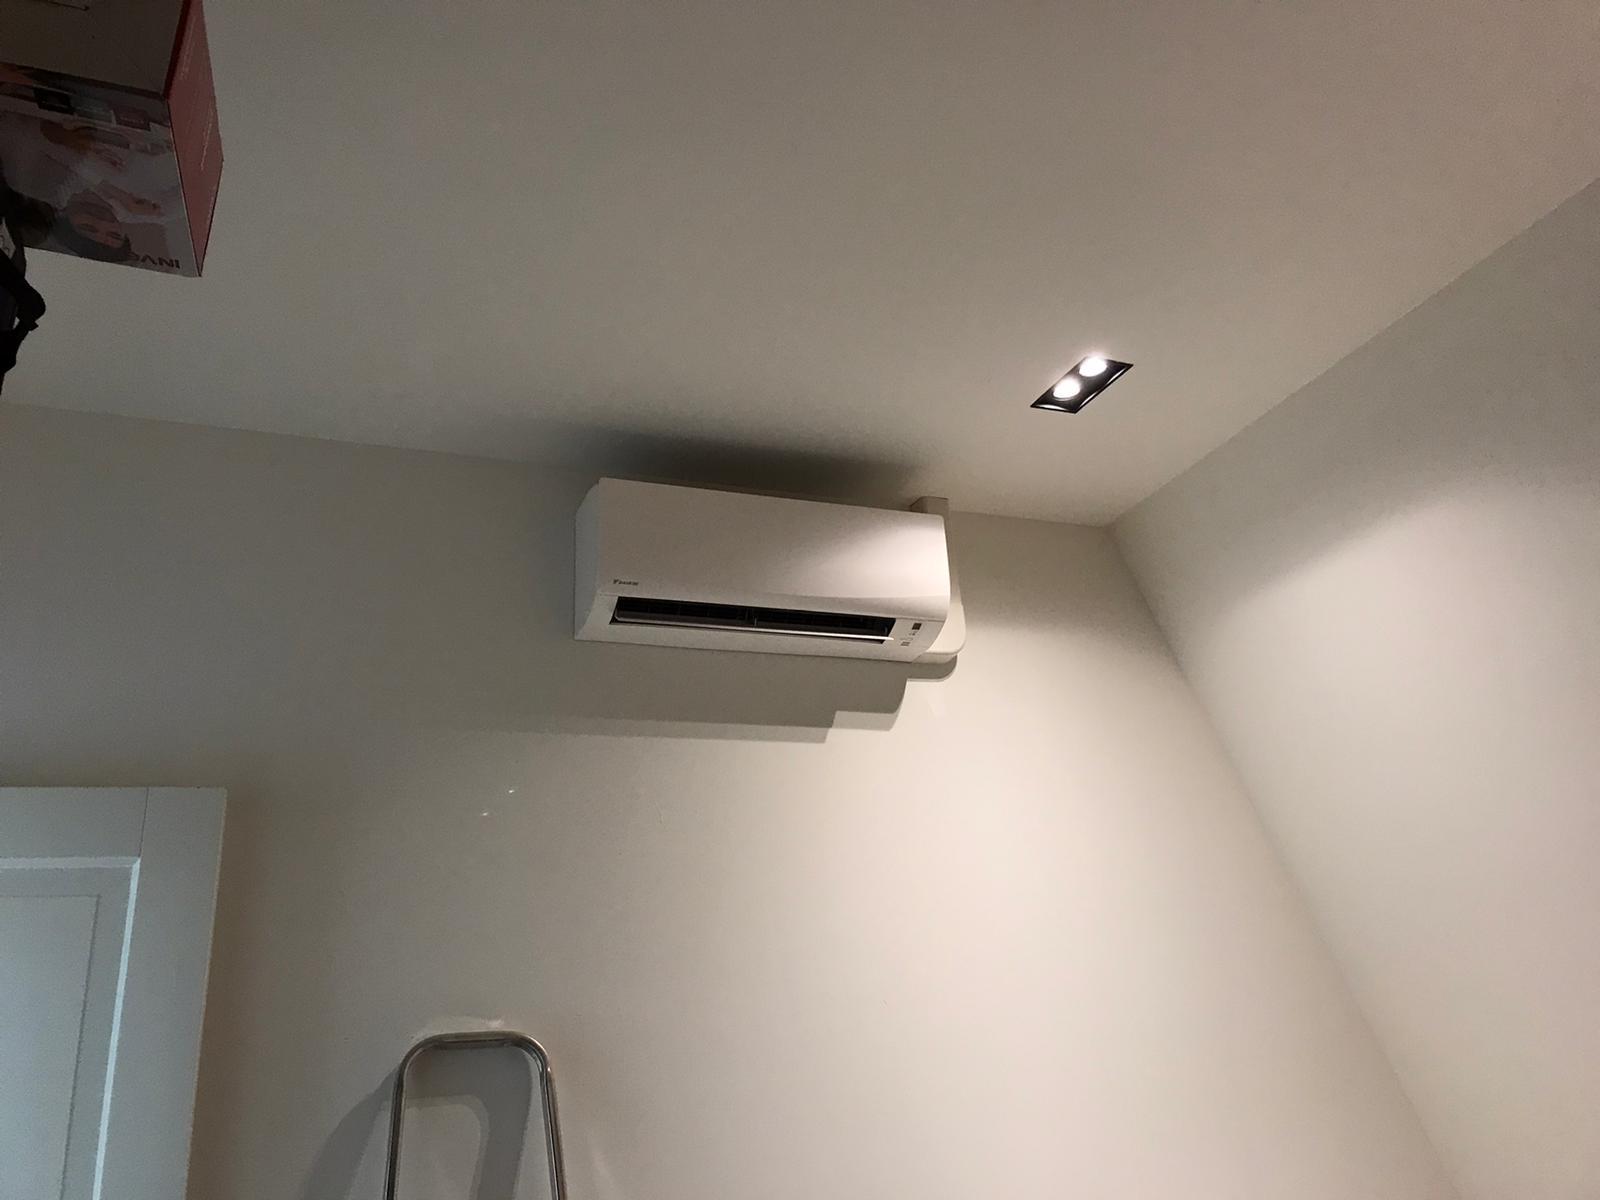 Spruijt Klimaat -Slaapkamer stille airco appartement Amsterdam